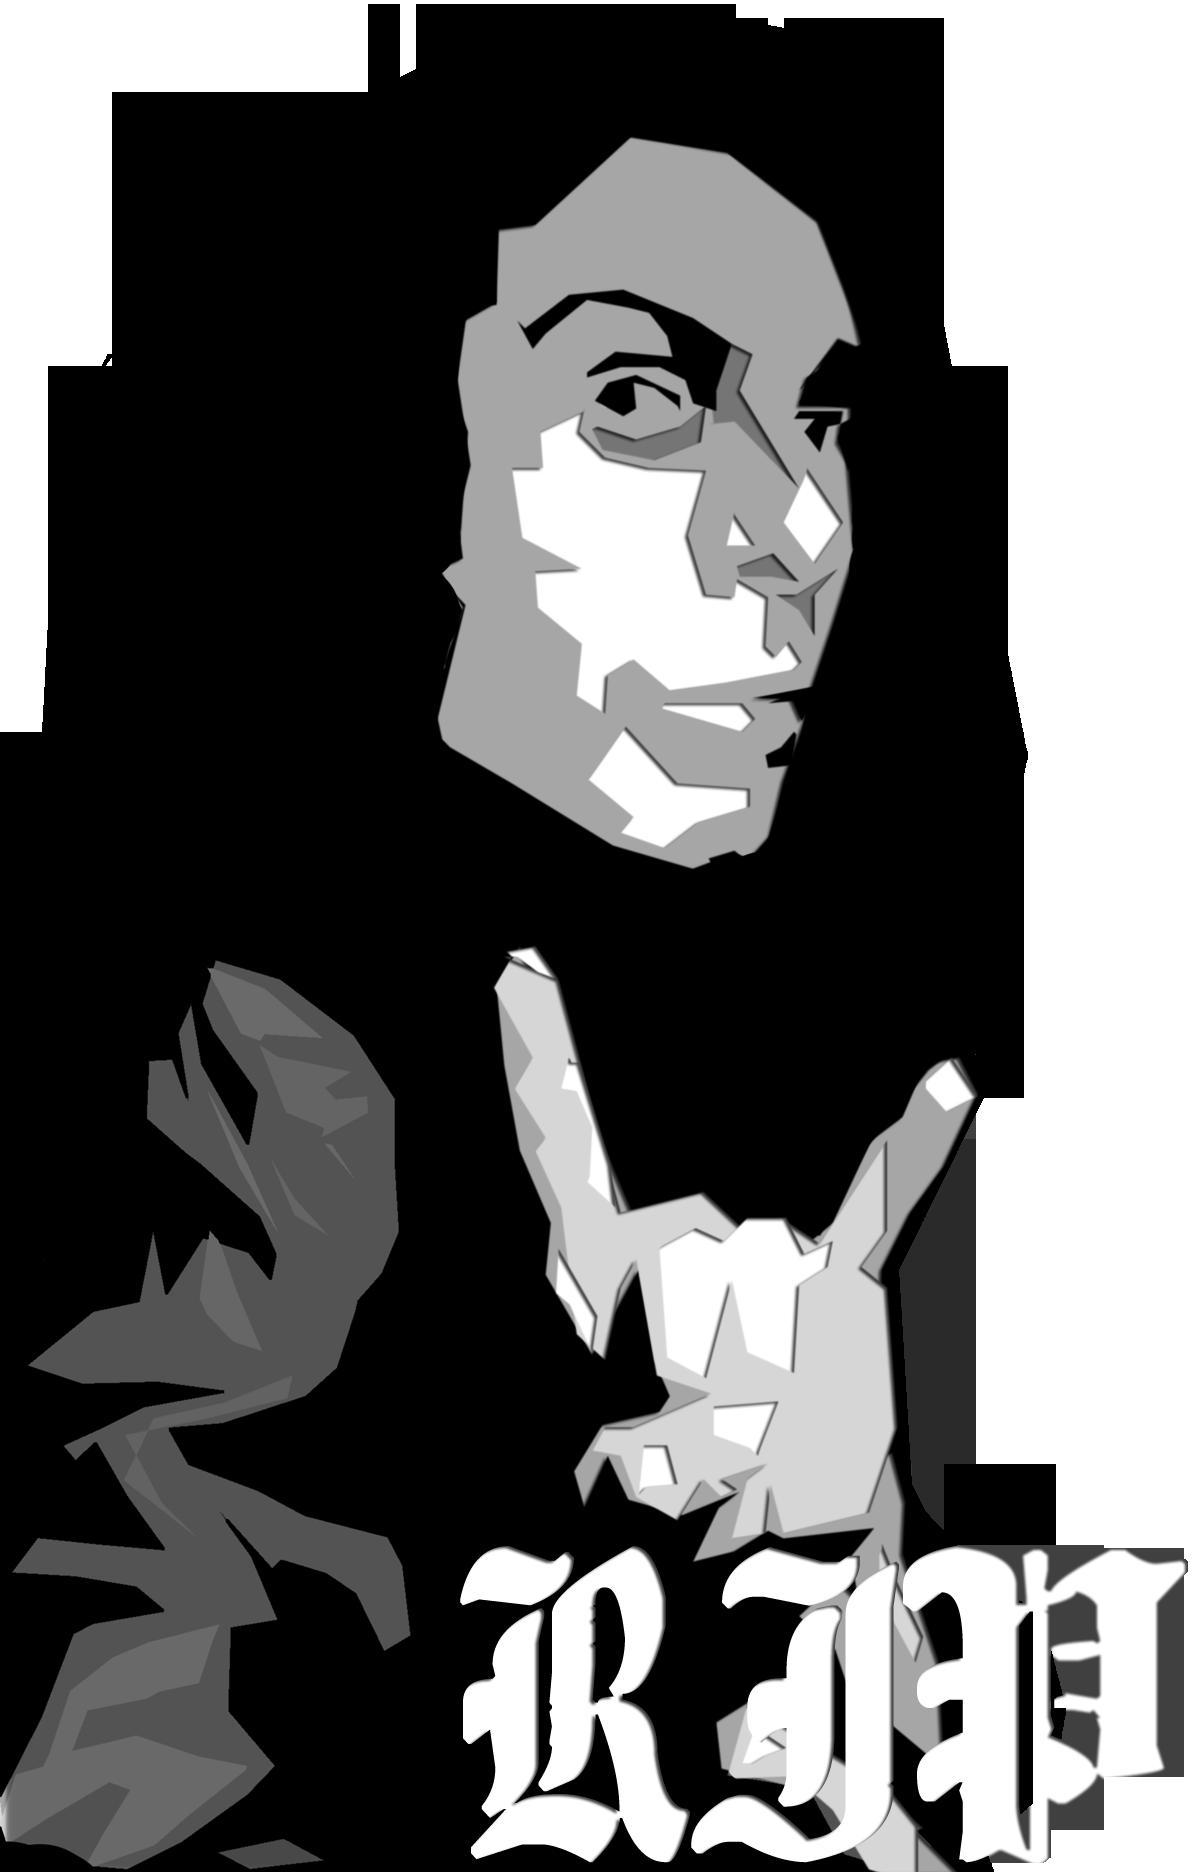 RIP Ronnie James Dio